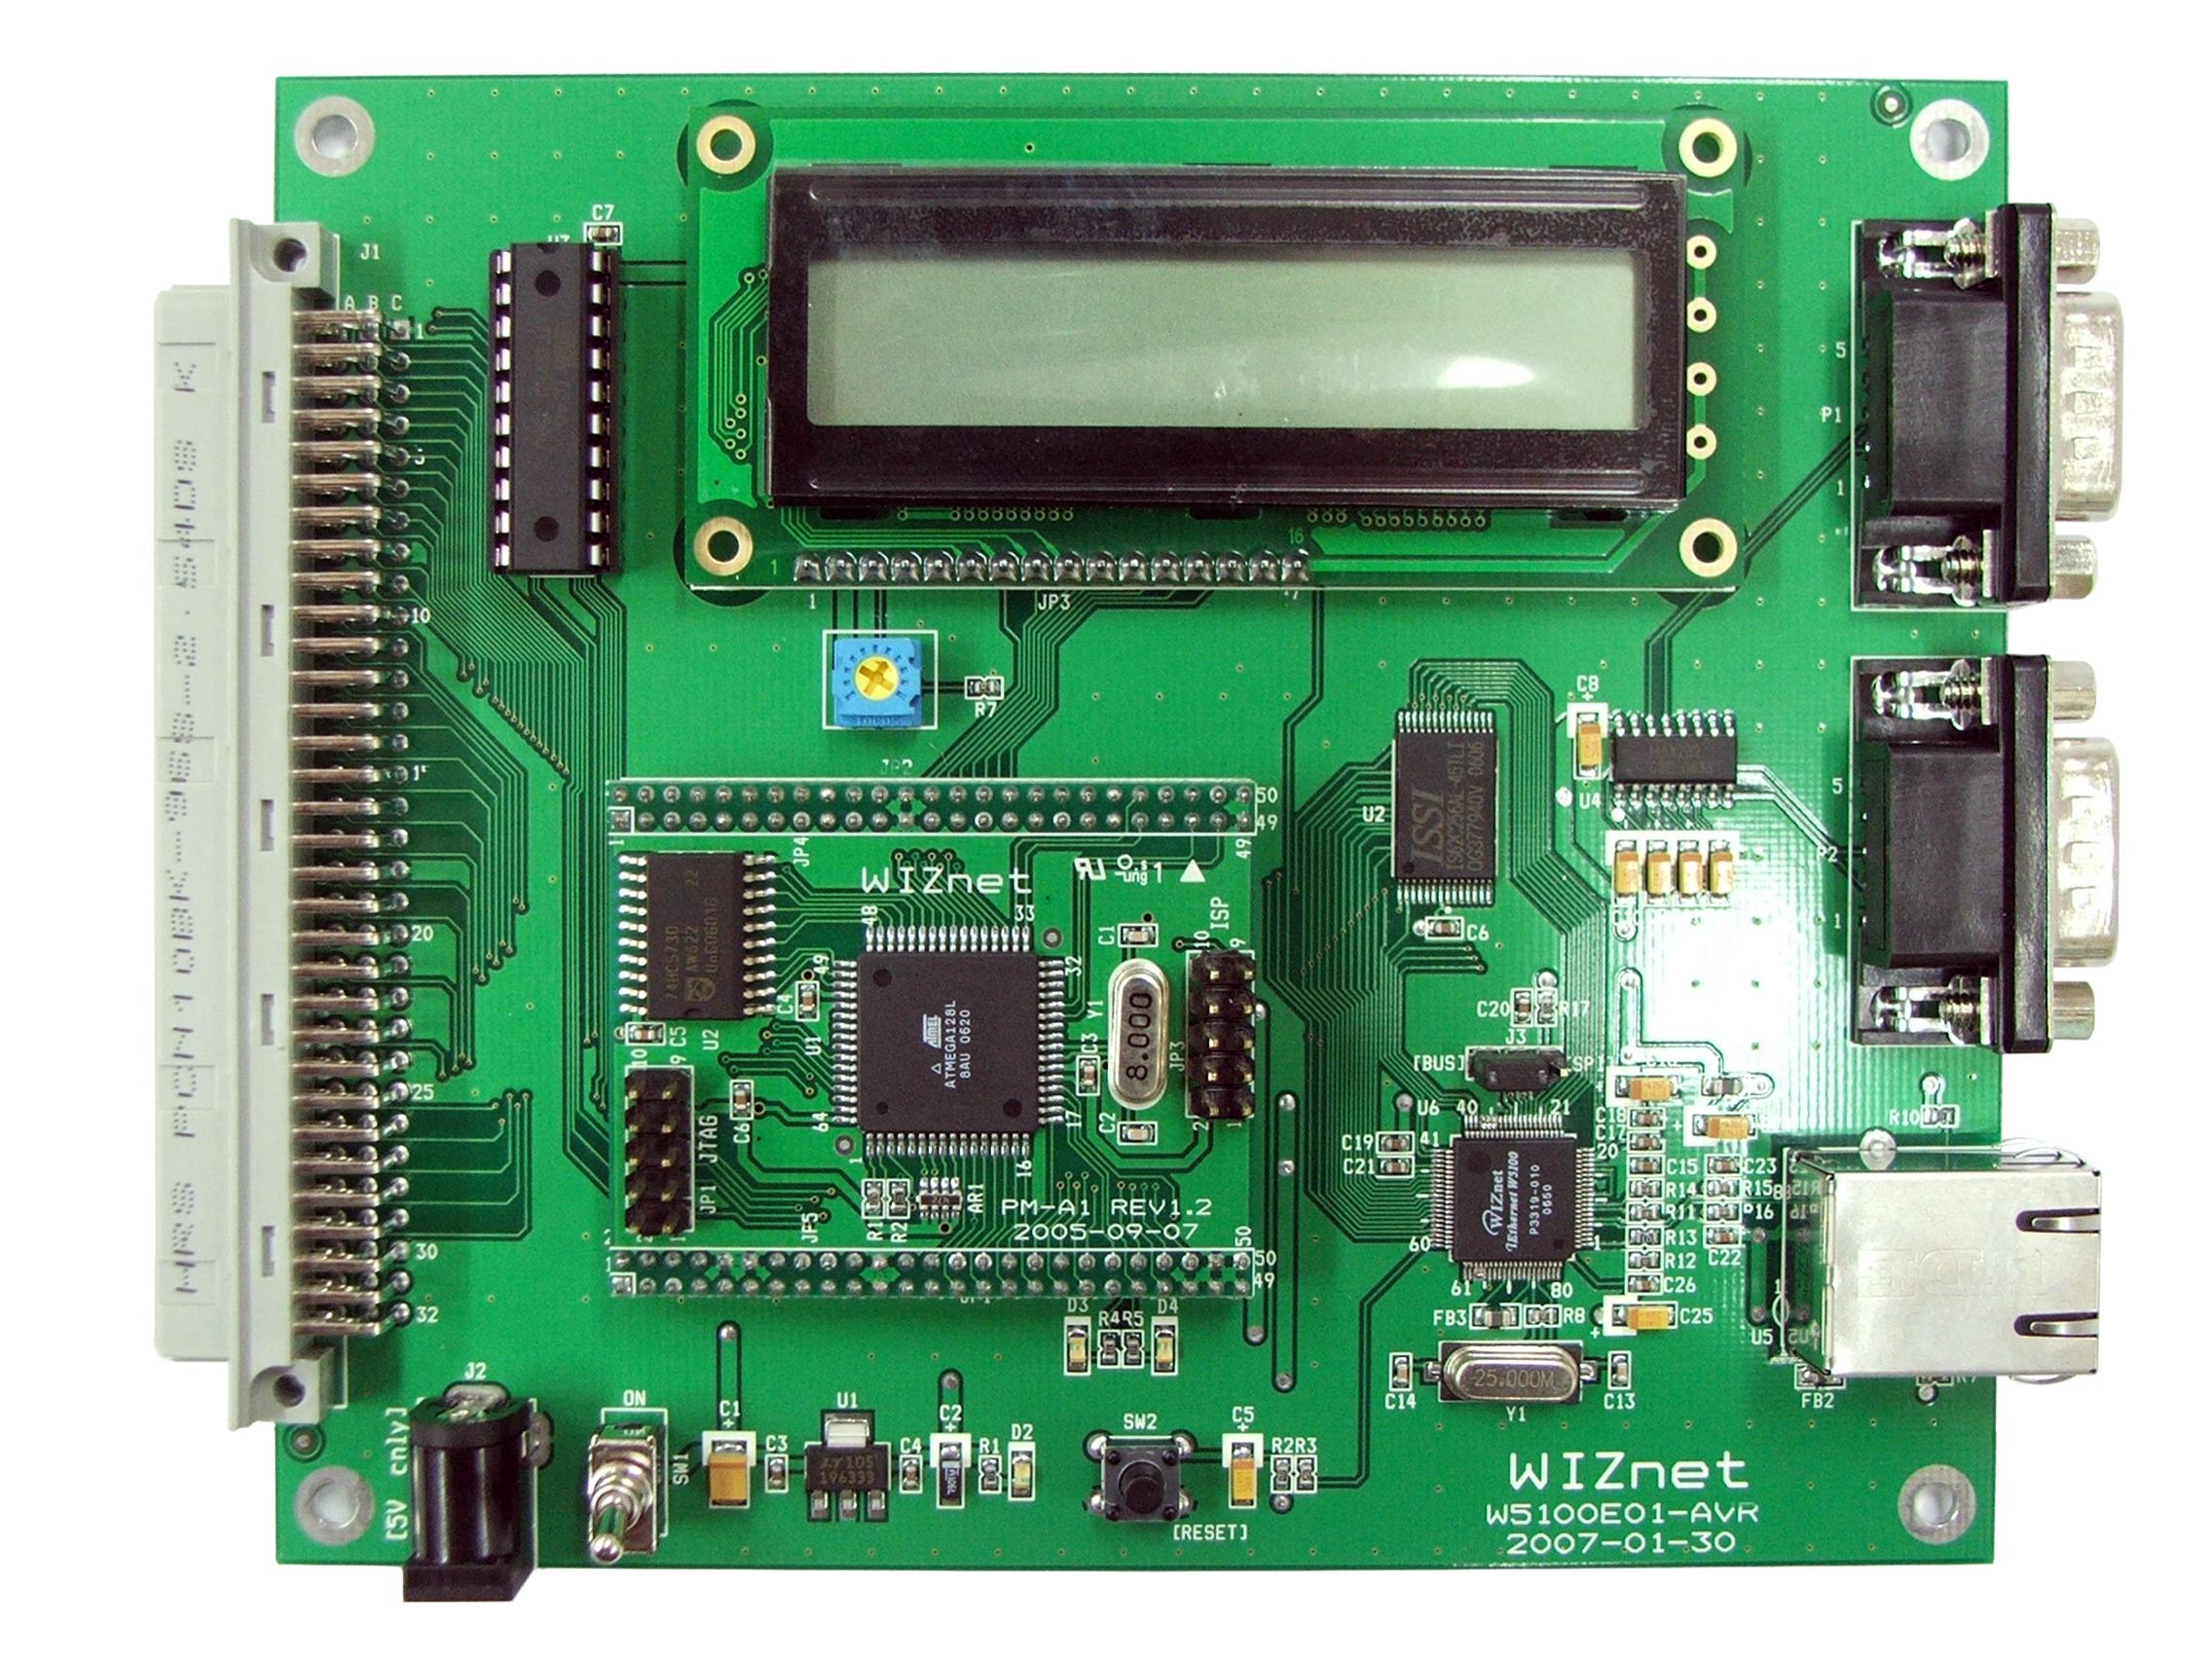 W5100E01-AVR